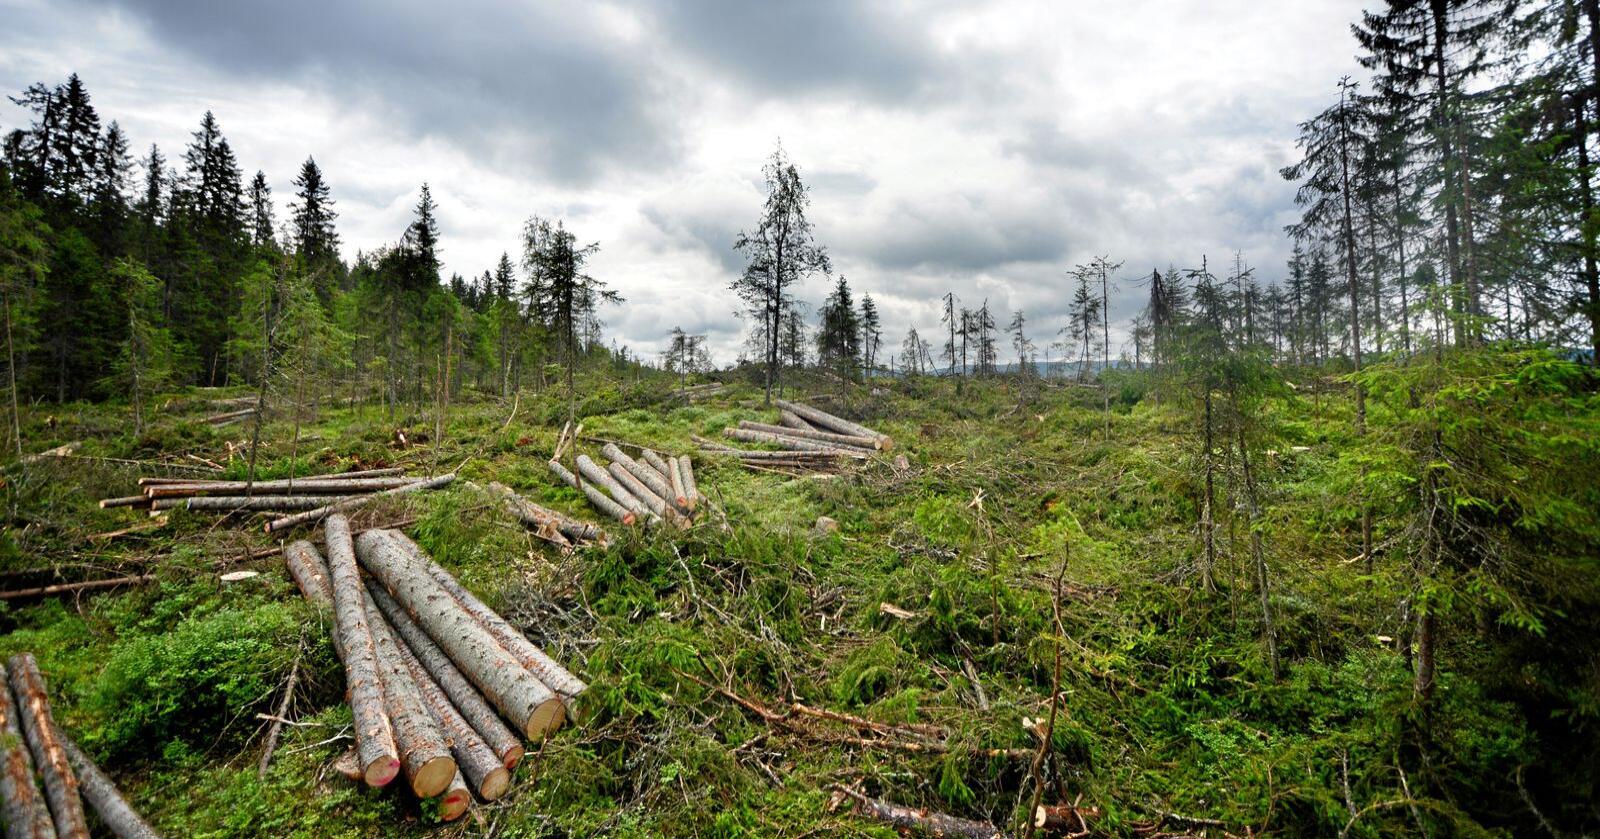 Kunnskap om og refleksjoner over tidligere tiders bruk gir nyttige anvisninger om hvordan skogskjøtselen bør innrettes fremover, skriver kronikkforfatterne. Foto: Siri Juell Rasmussen